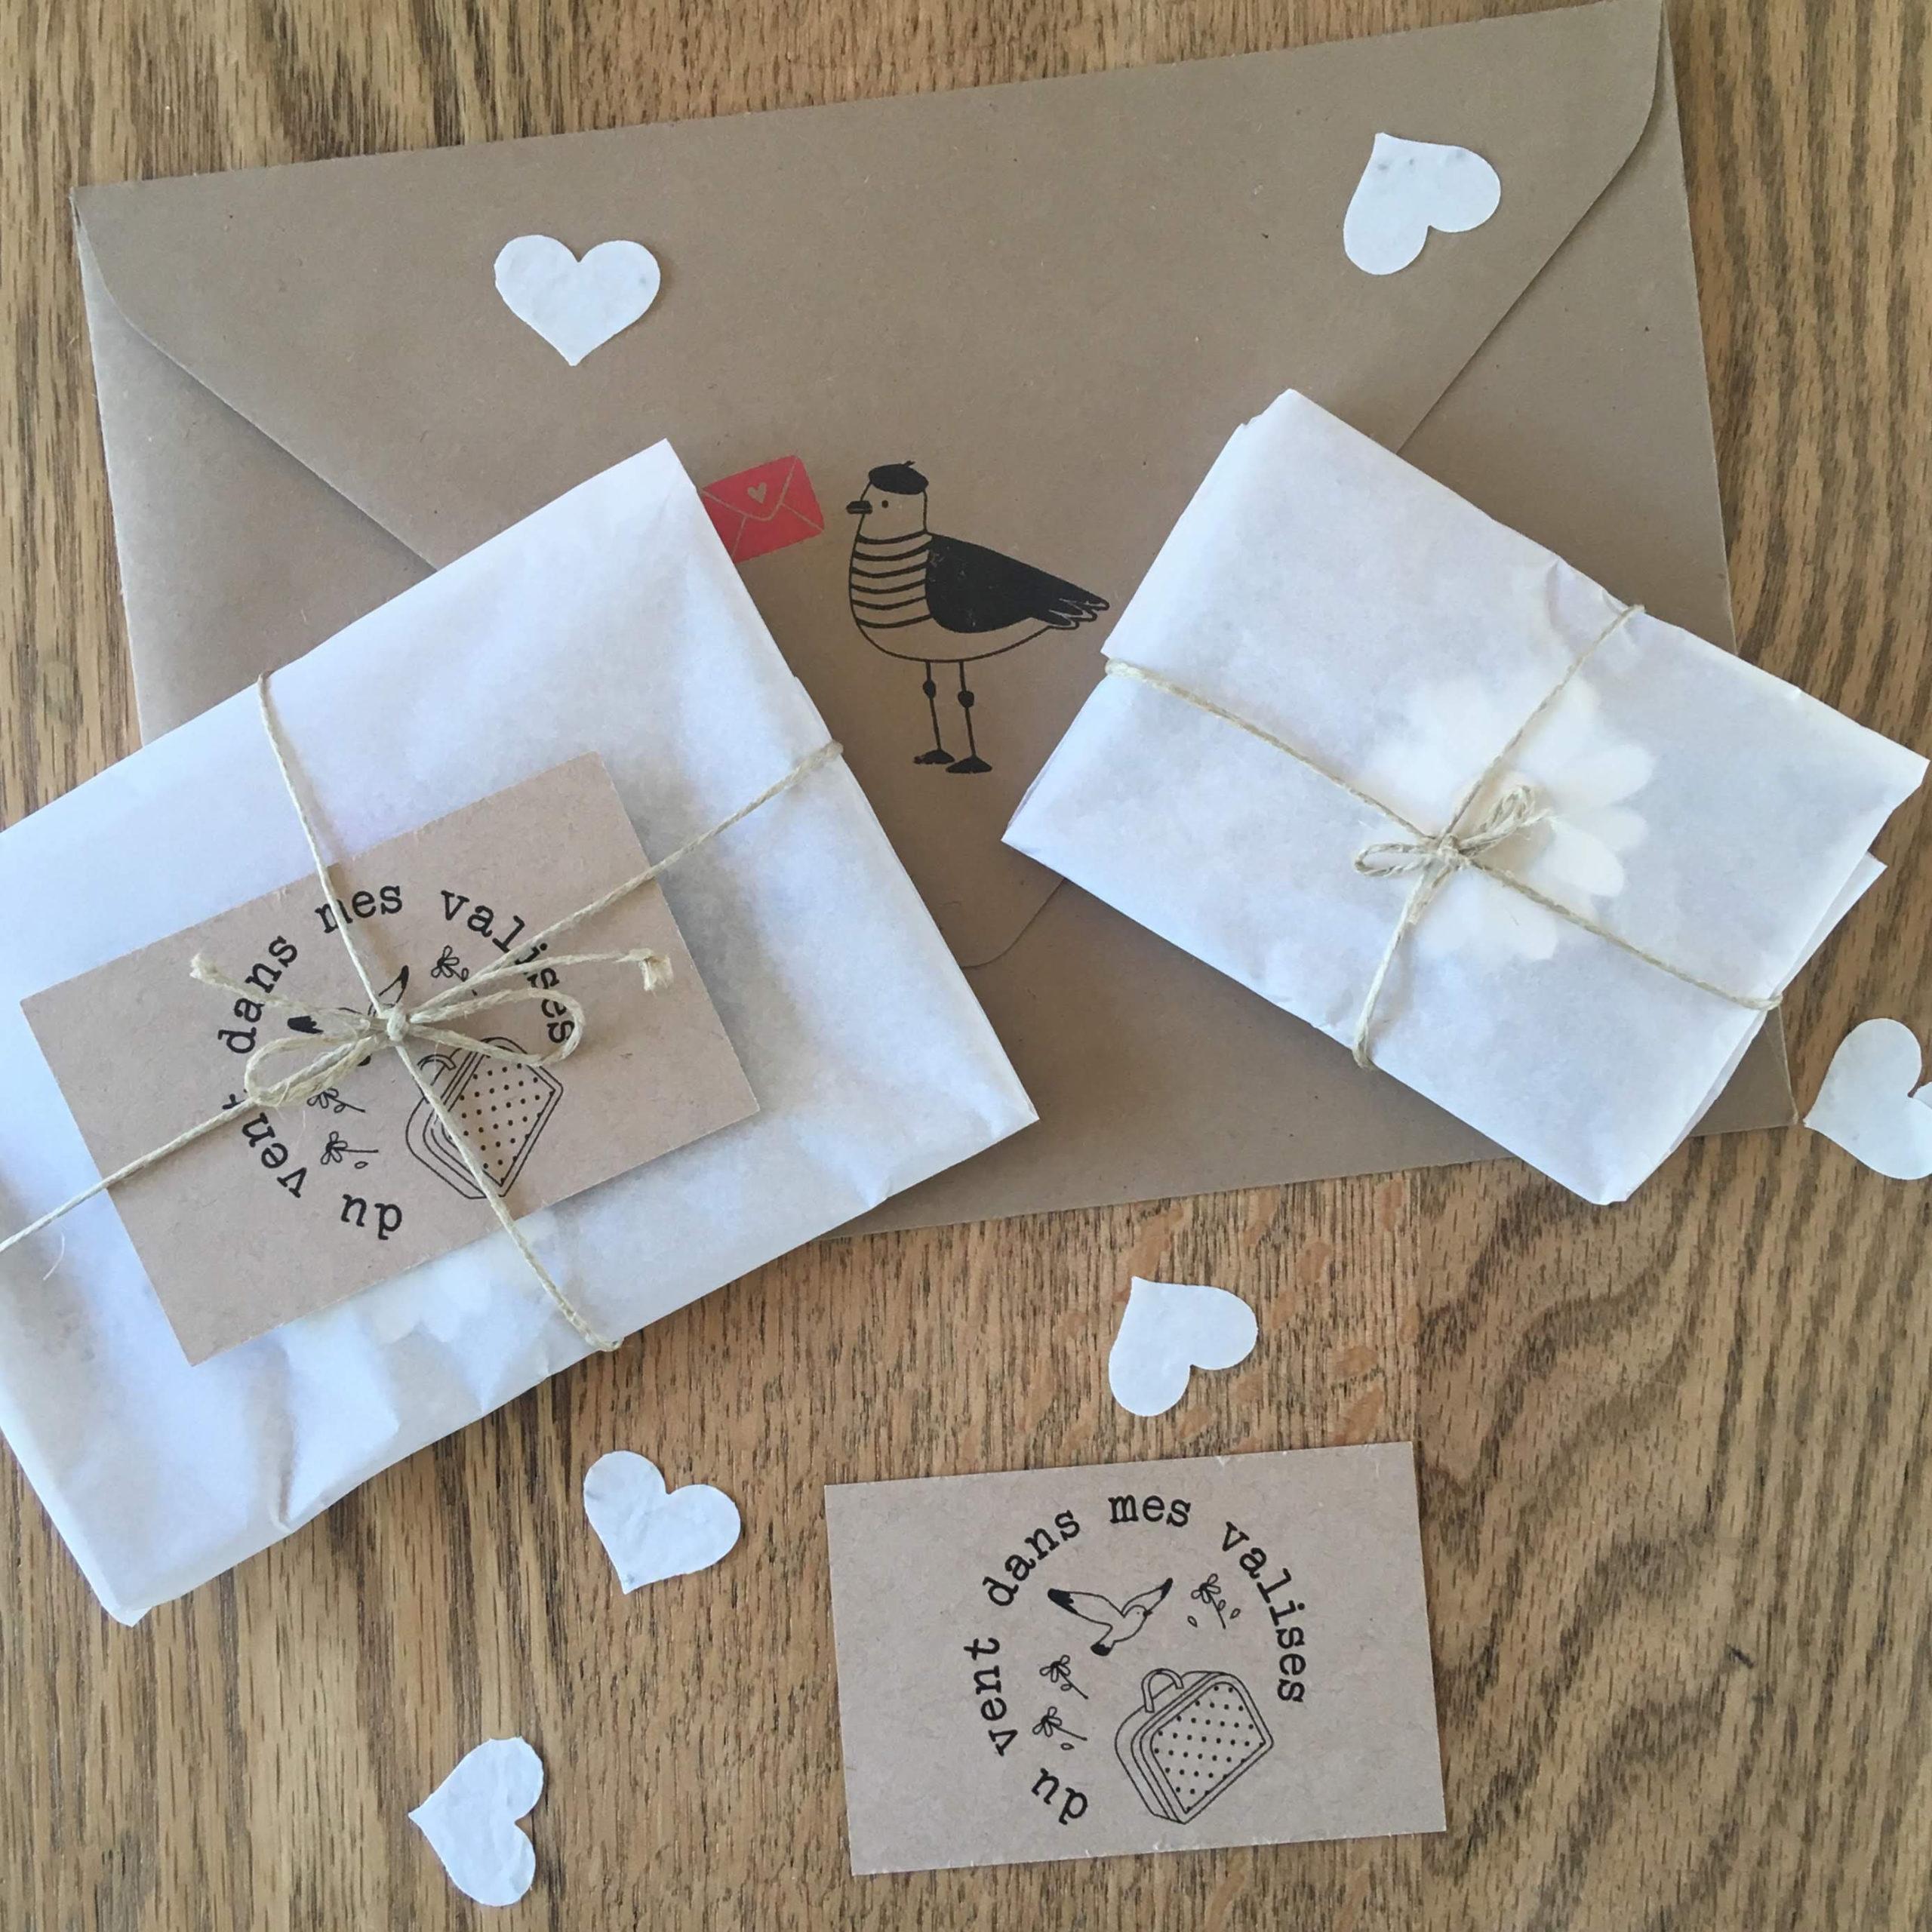 du vent dans mes valises - carte bijou postale de remerciement avec broche en cuir made in France